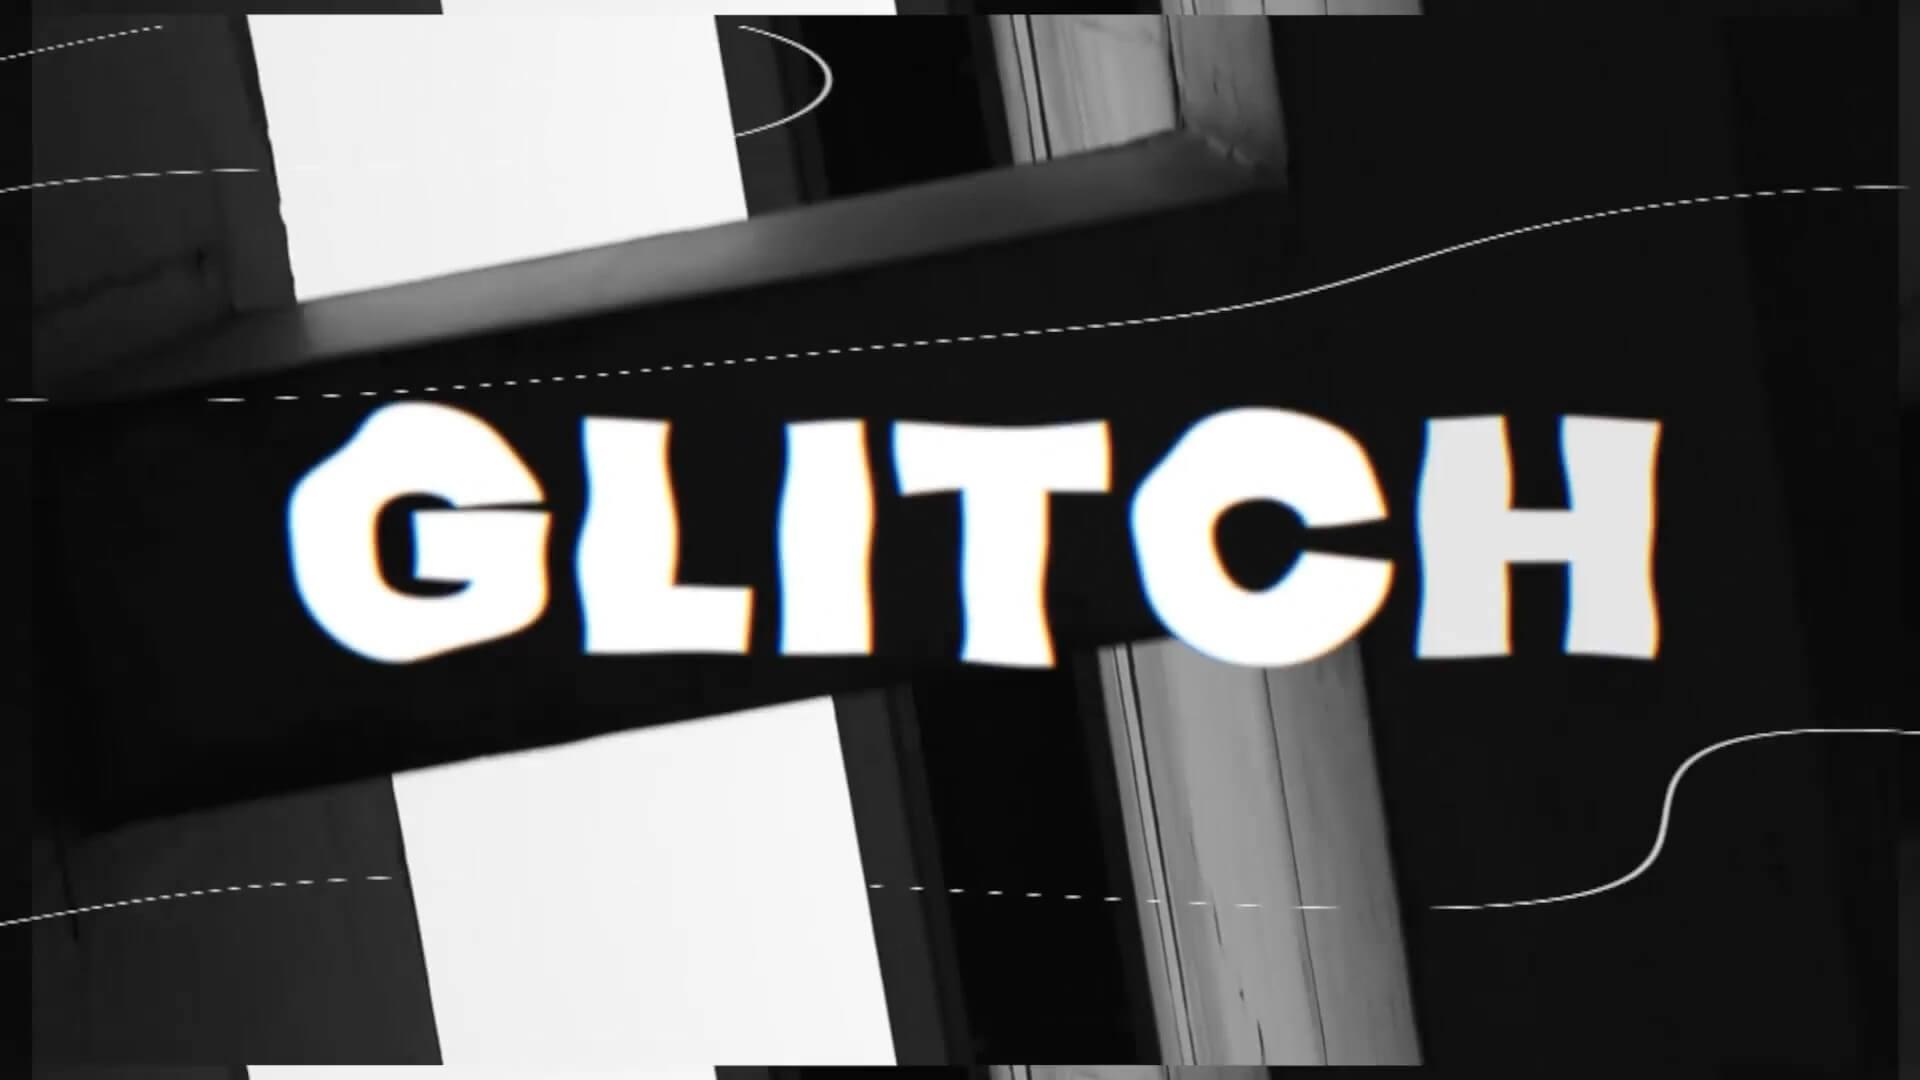 fcpx主题模板 创意现代故障干扰特效动态预告片含竖屏 Bold Glitch Opener